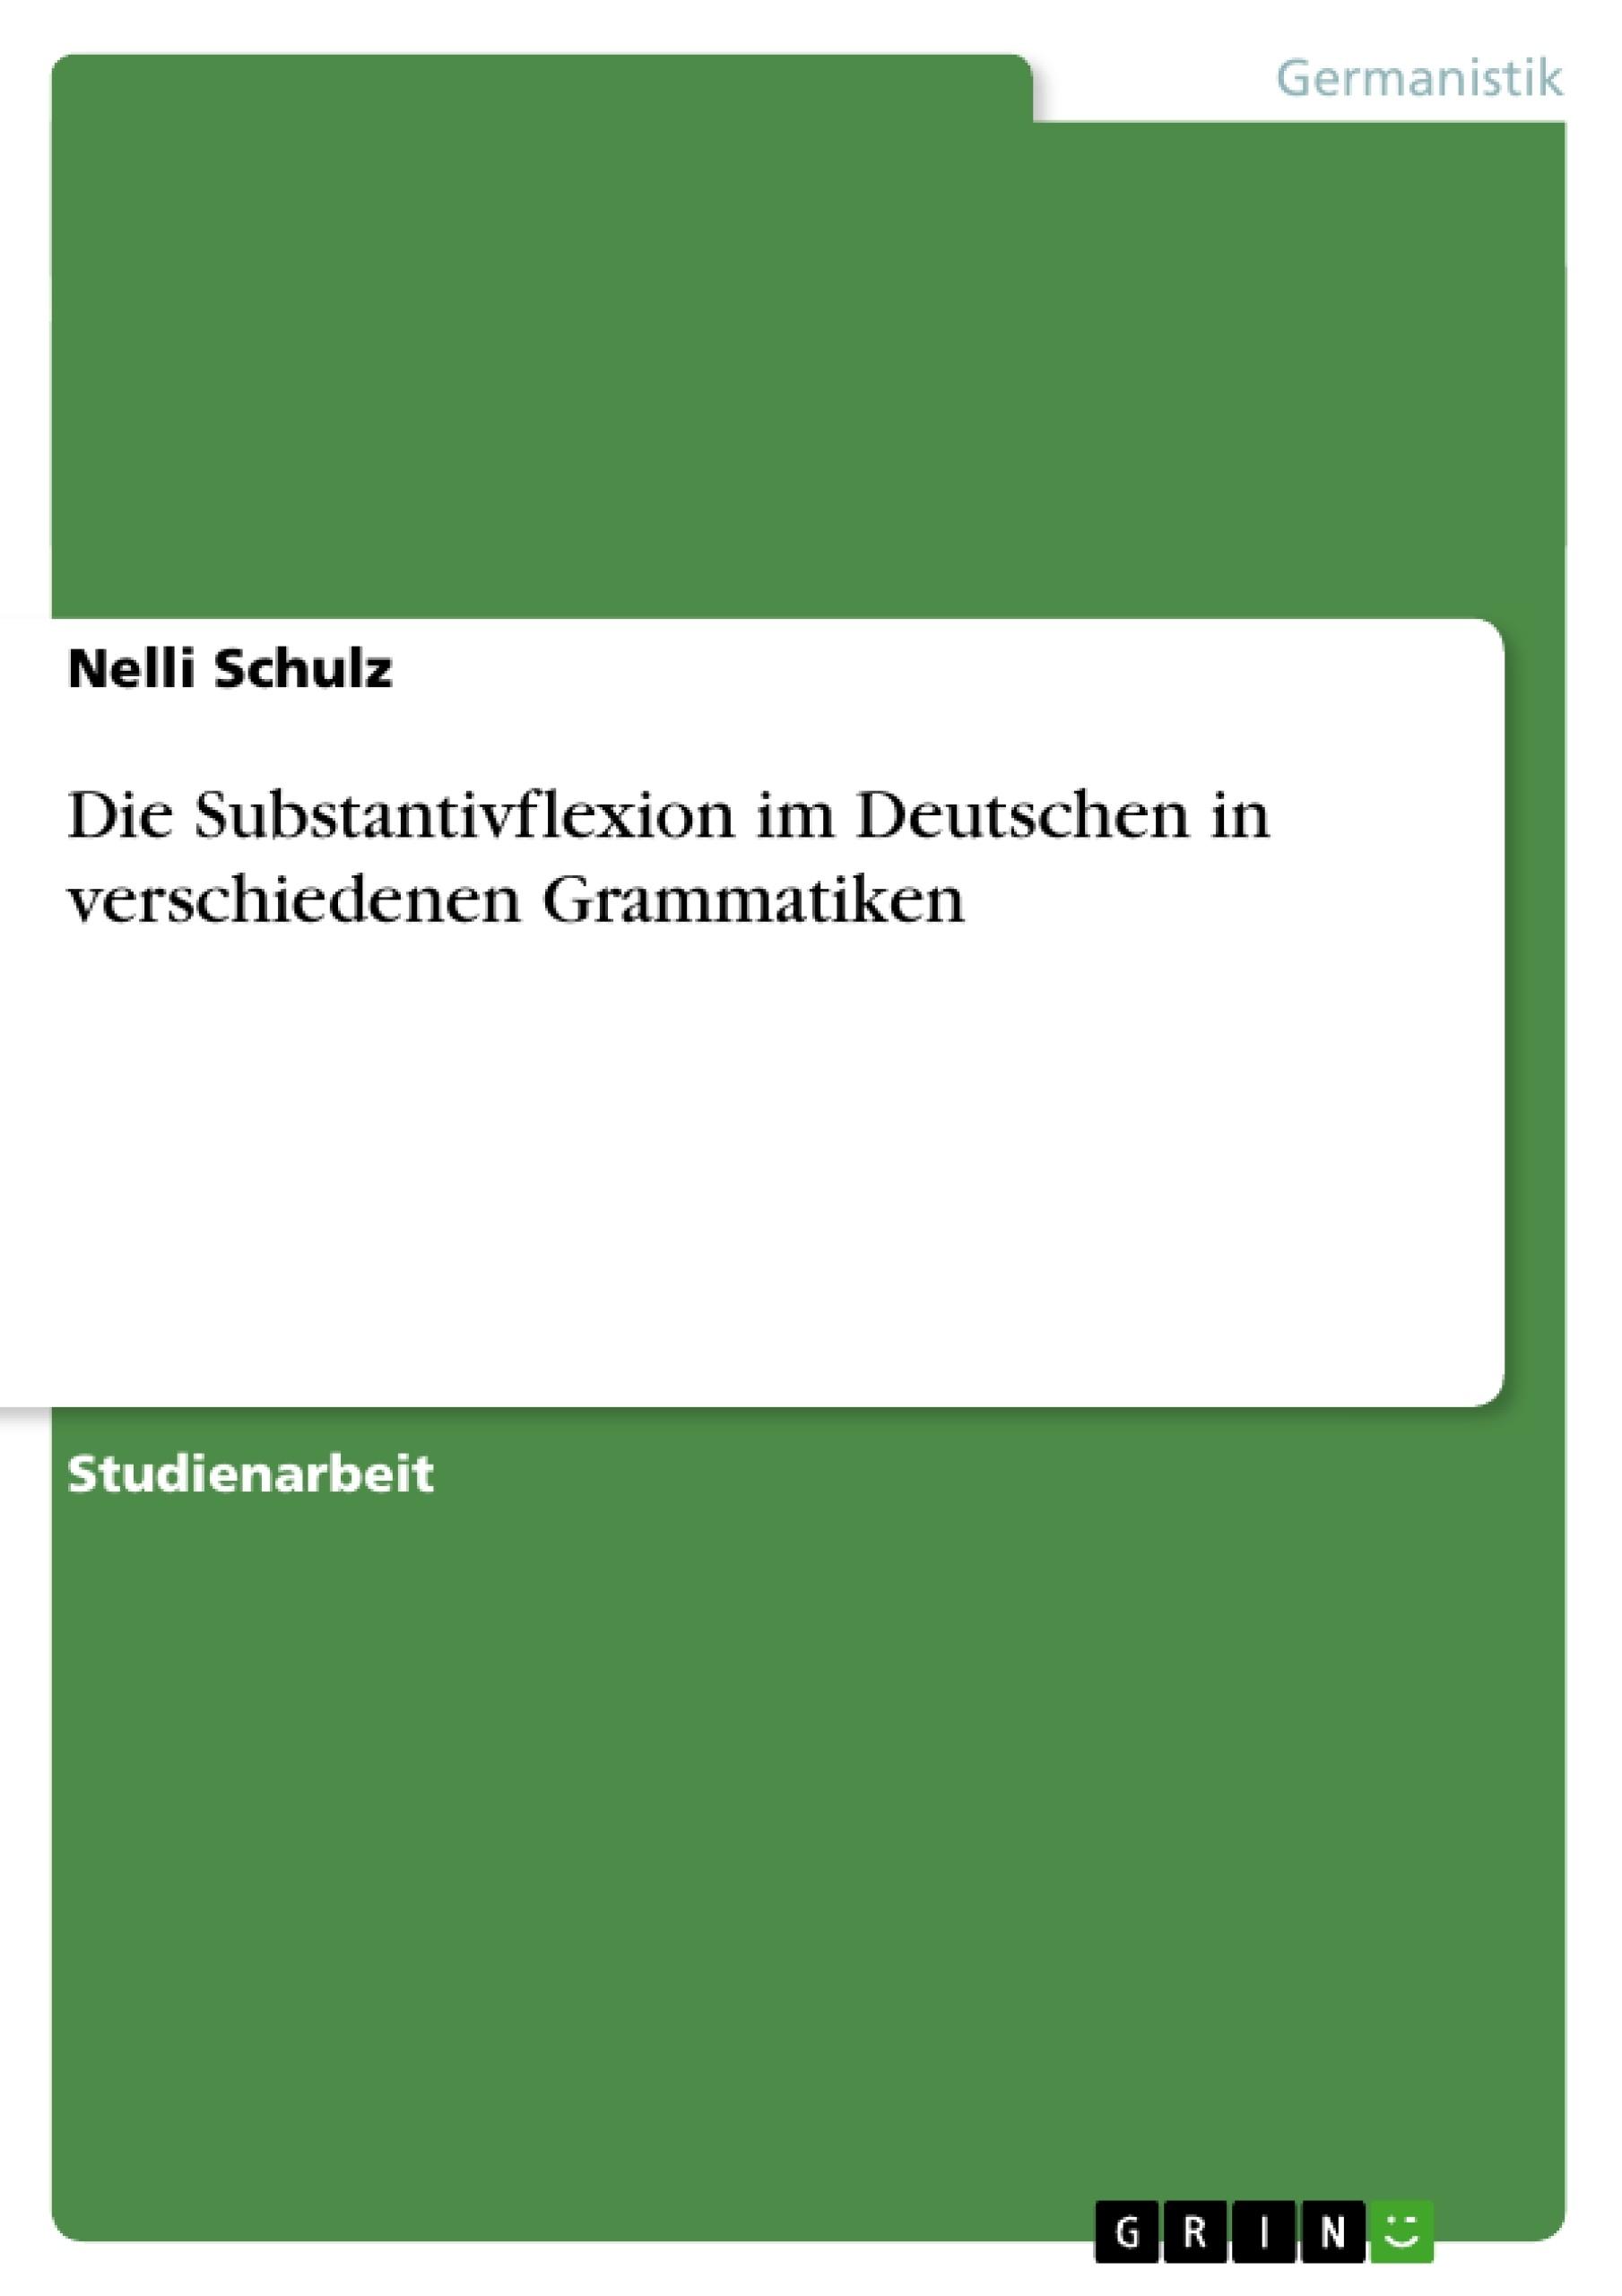 Titel: Die Substantivflexion im Deutschen in verschiedenen Grammatiken